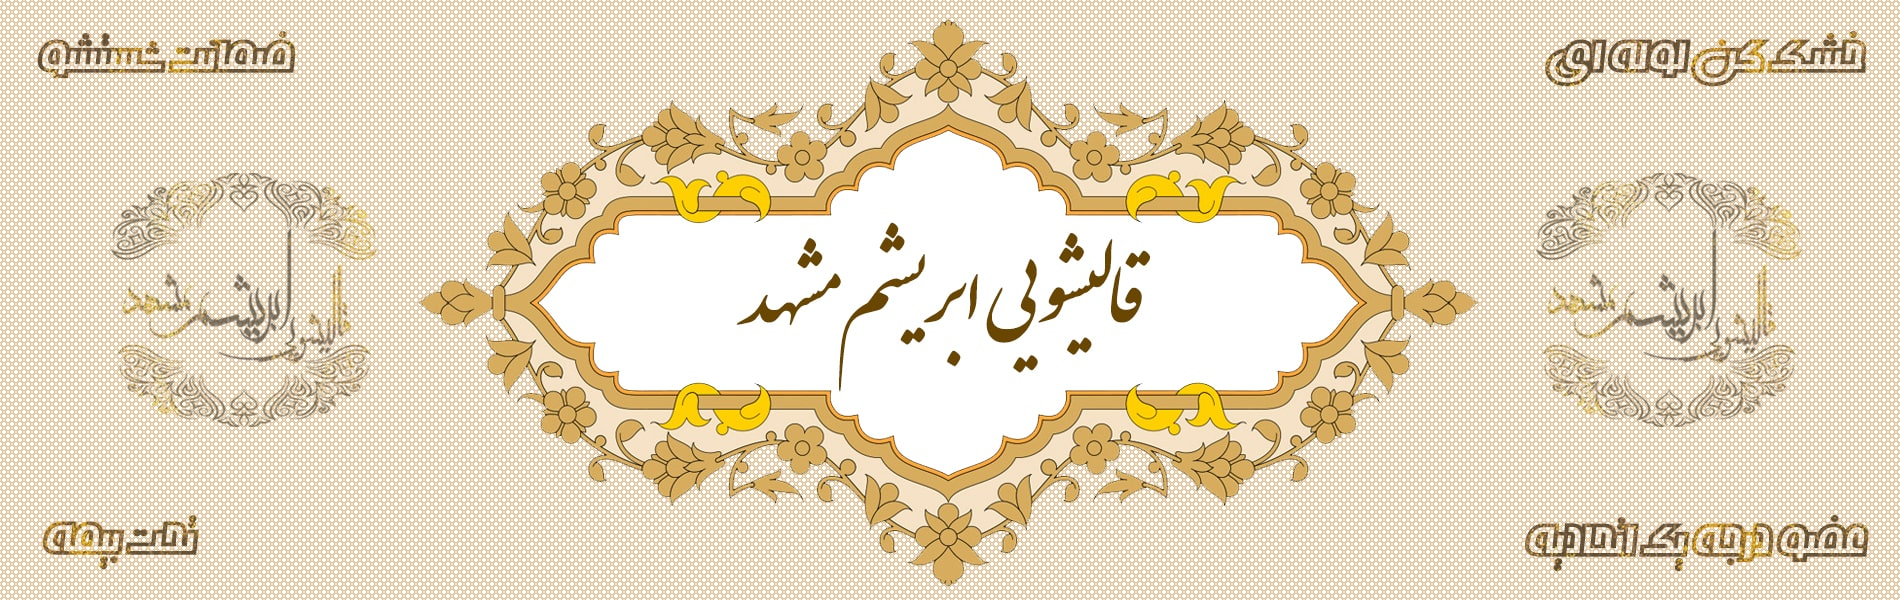 قالیشویی مشهد | قالیشویی ابریشم مشهد